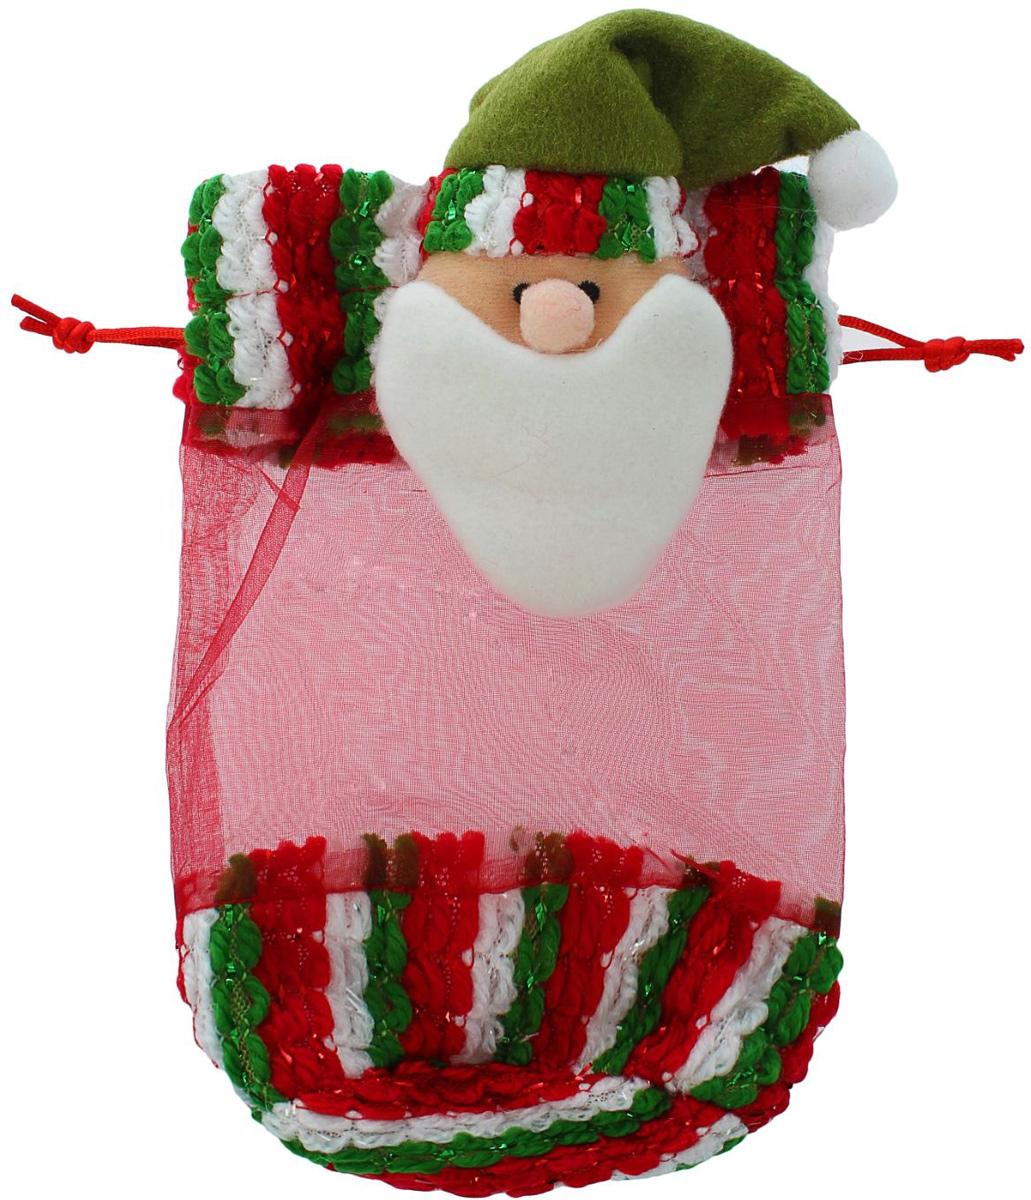 Мешок для подарков Sima-land Новогодний, вместимость 200 г, 18 х 4 см1308839Яркий мешок для подарков Sima-land выполнен из текстиля. Невозможно представить нашу жизнь без праздников! Мы всегда ждем их и предвкушаем, обдумываем, как проведем памятный день, тщательно выбираем подарки и аксессуары, ведь именно они создают и поддерживают торжественный настрой. Мешок Sima-land — это отличный выбор, который привнесет атмосферу праздника в ваш дом!